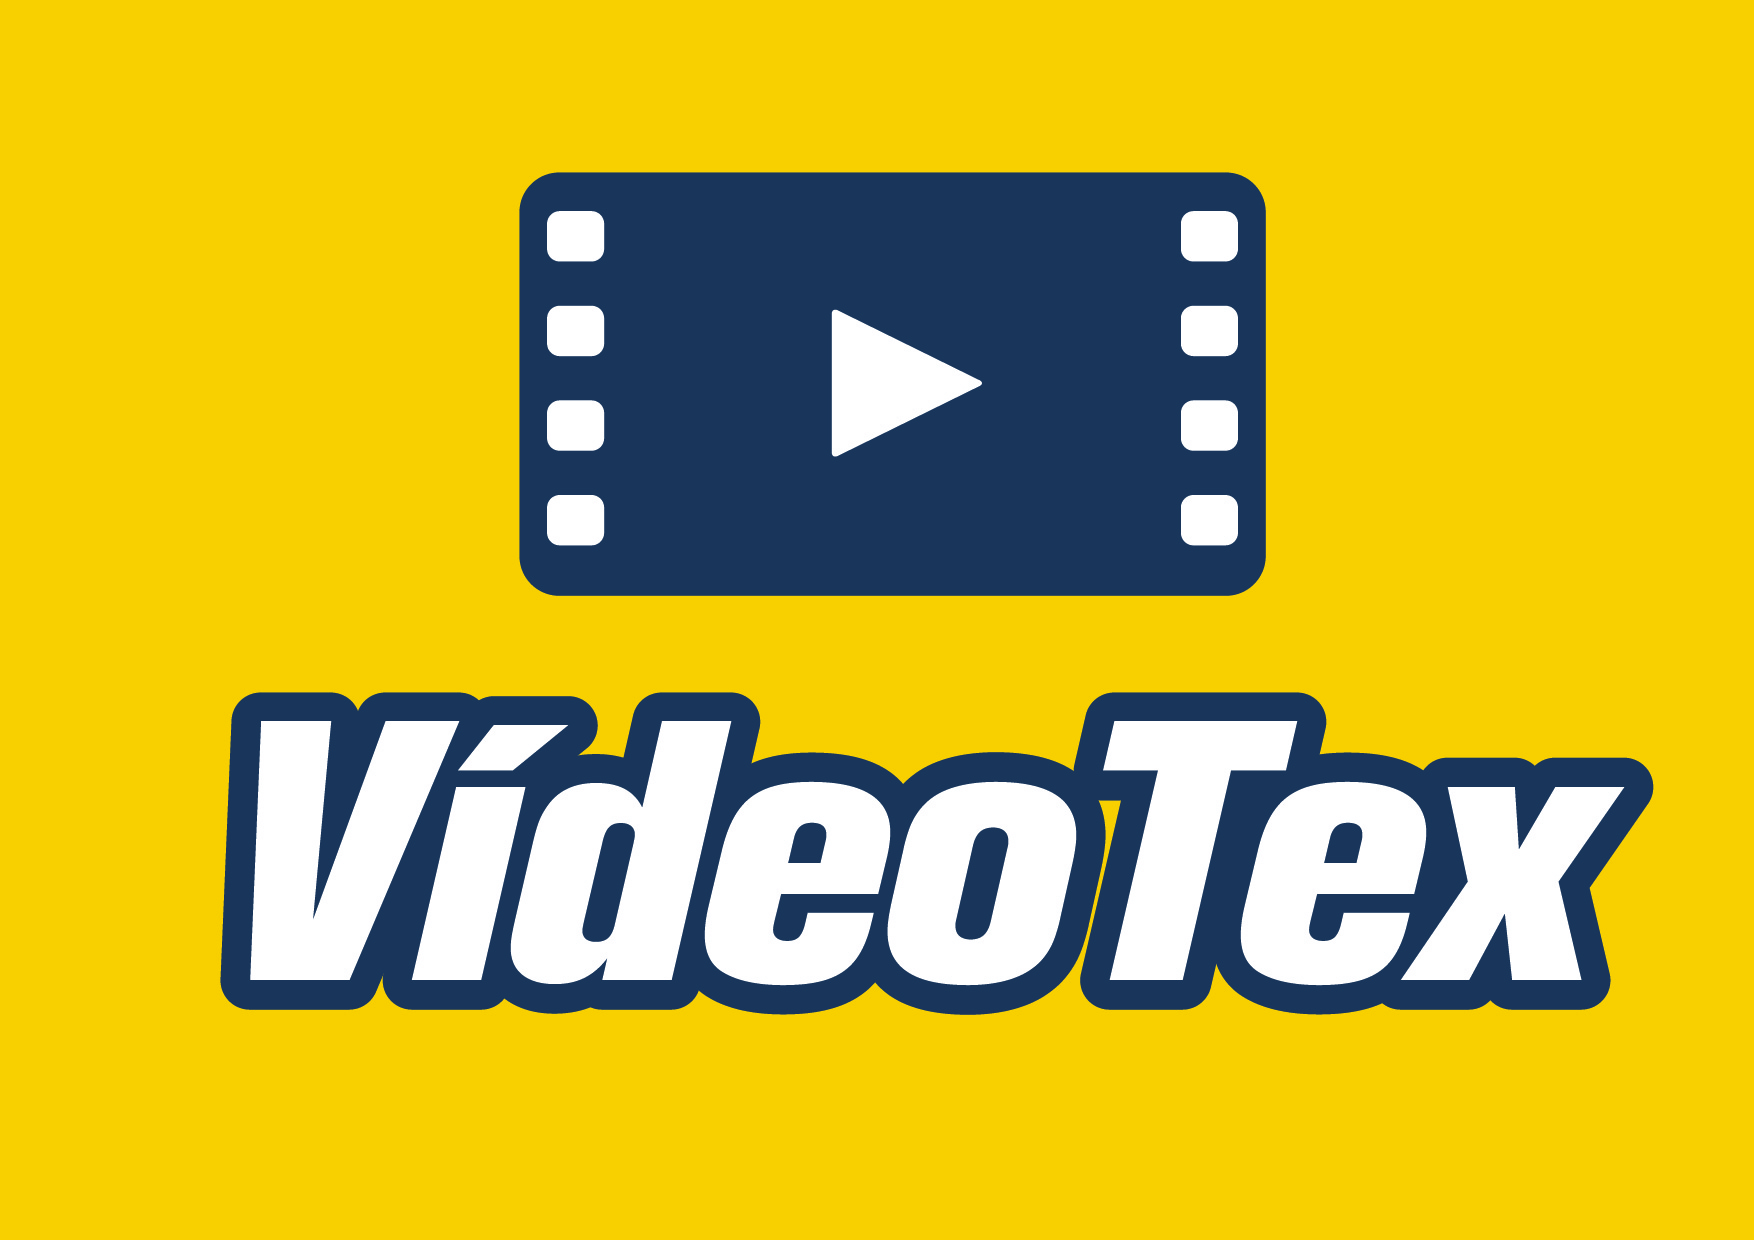 videotexx